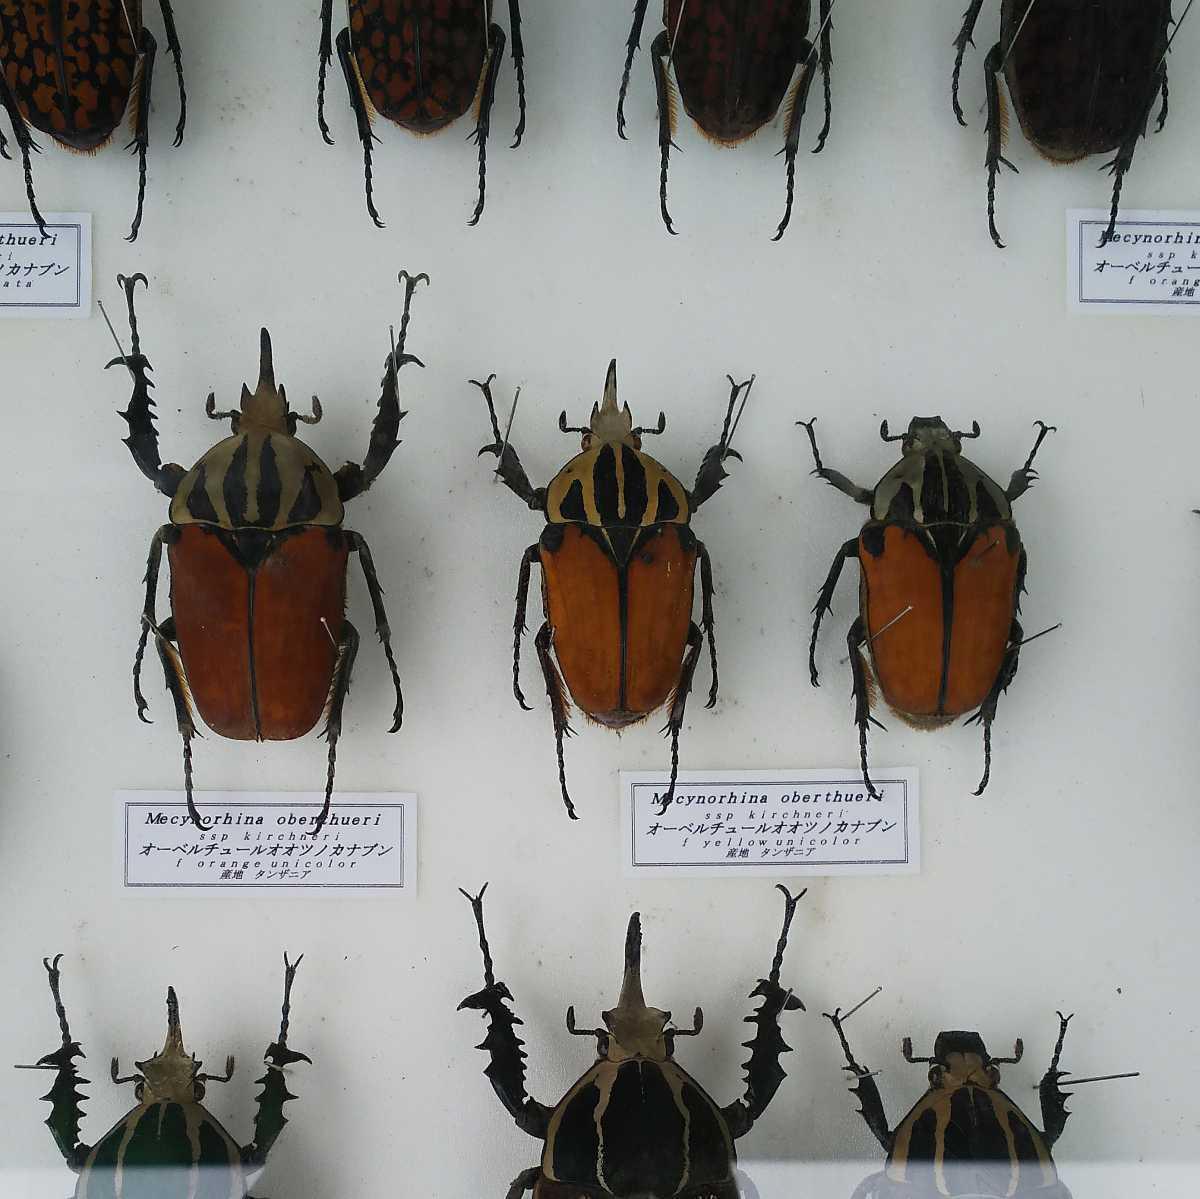 値段交渉OK 昆虫標本 カナブン No2 35頭 ドイツ箱_画像3